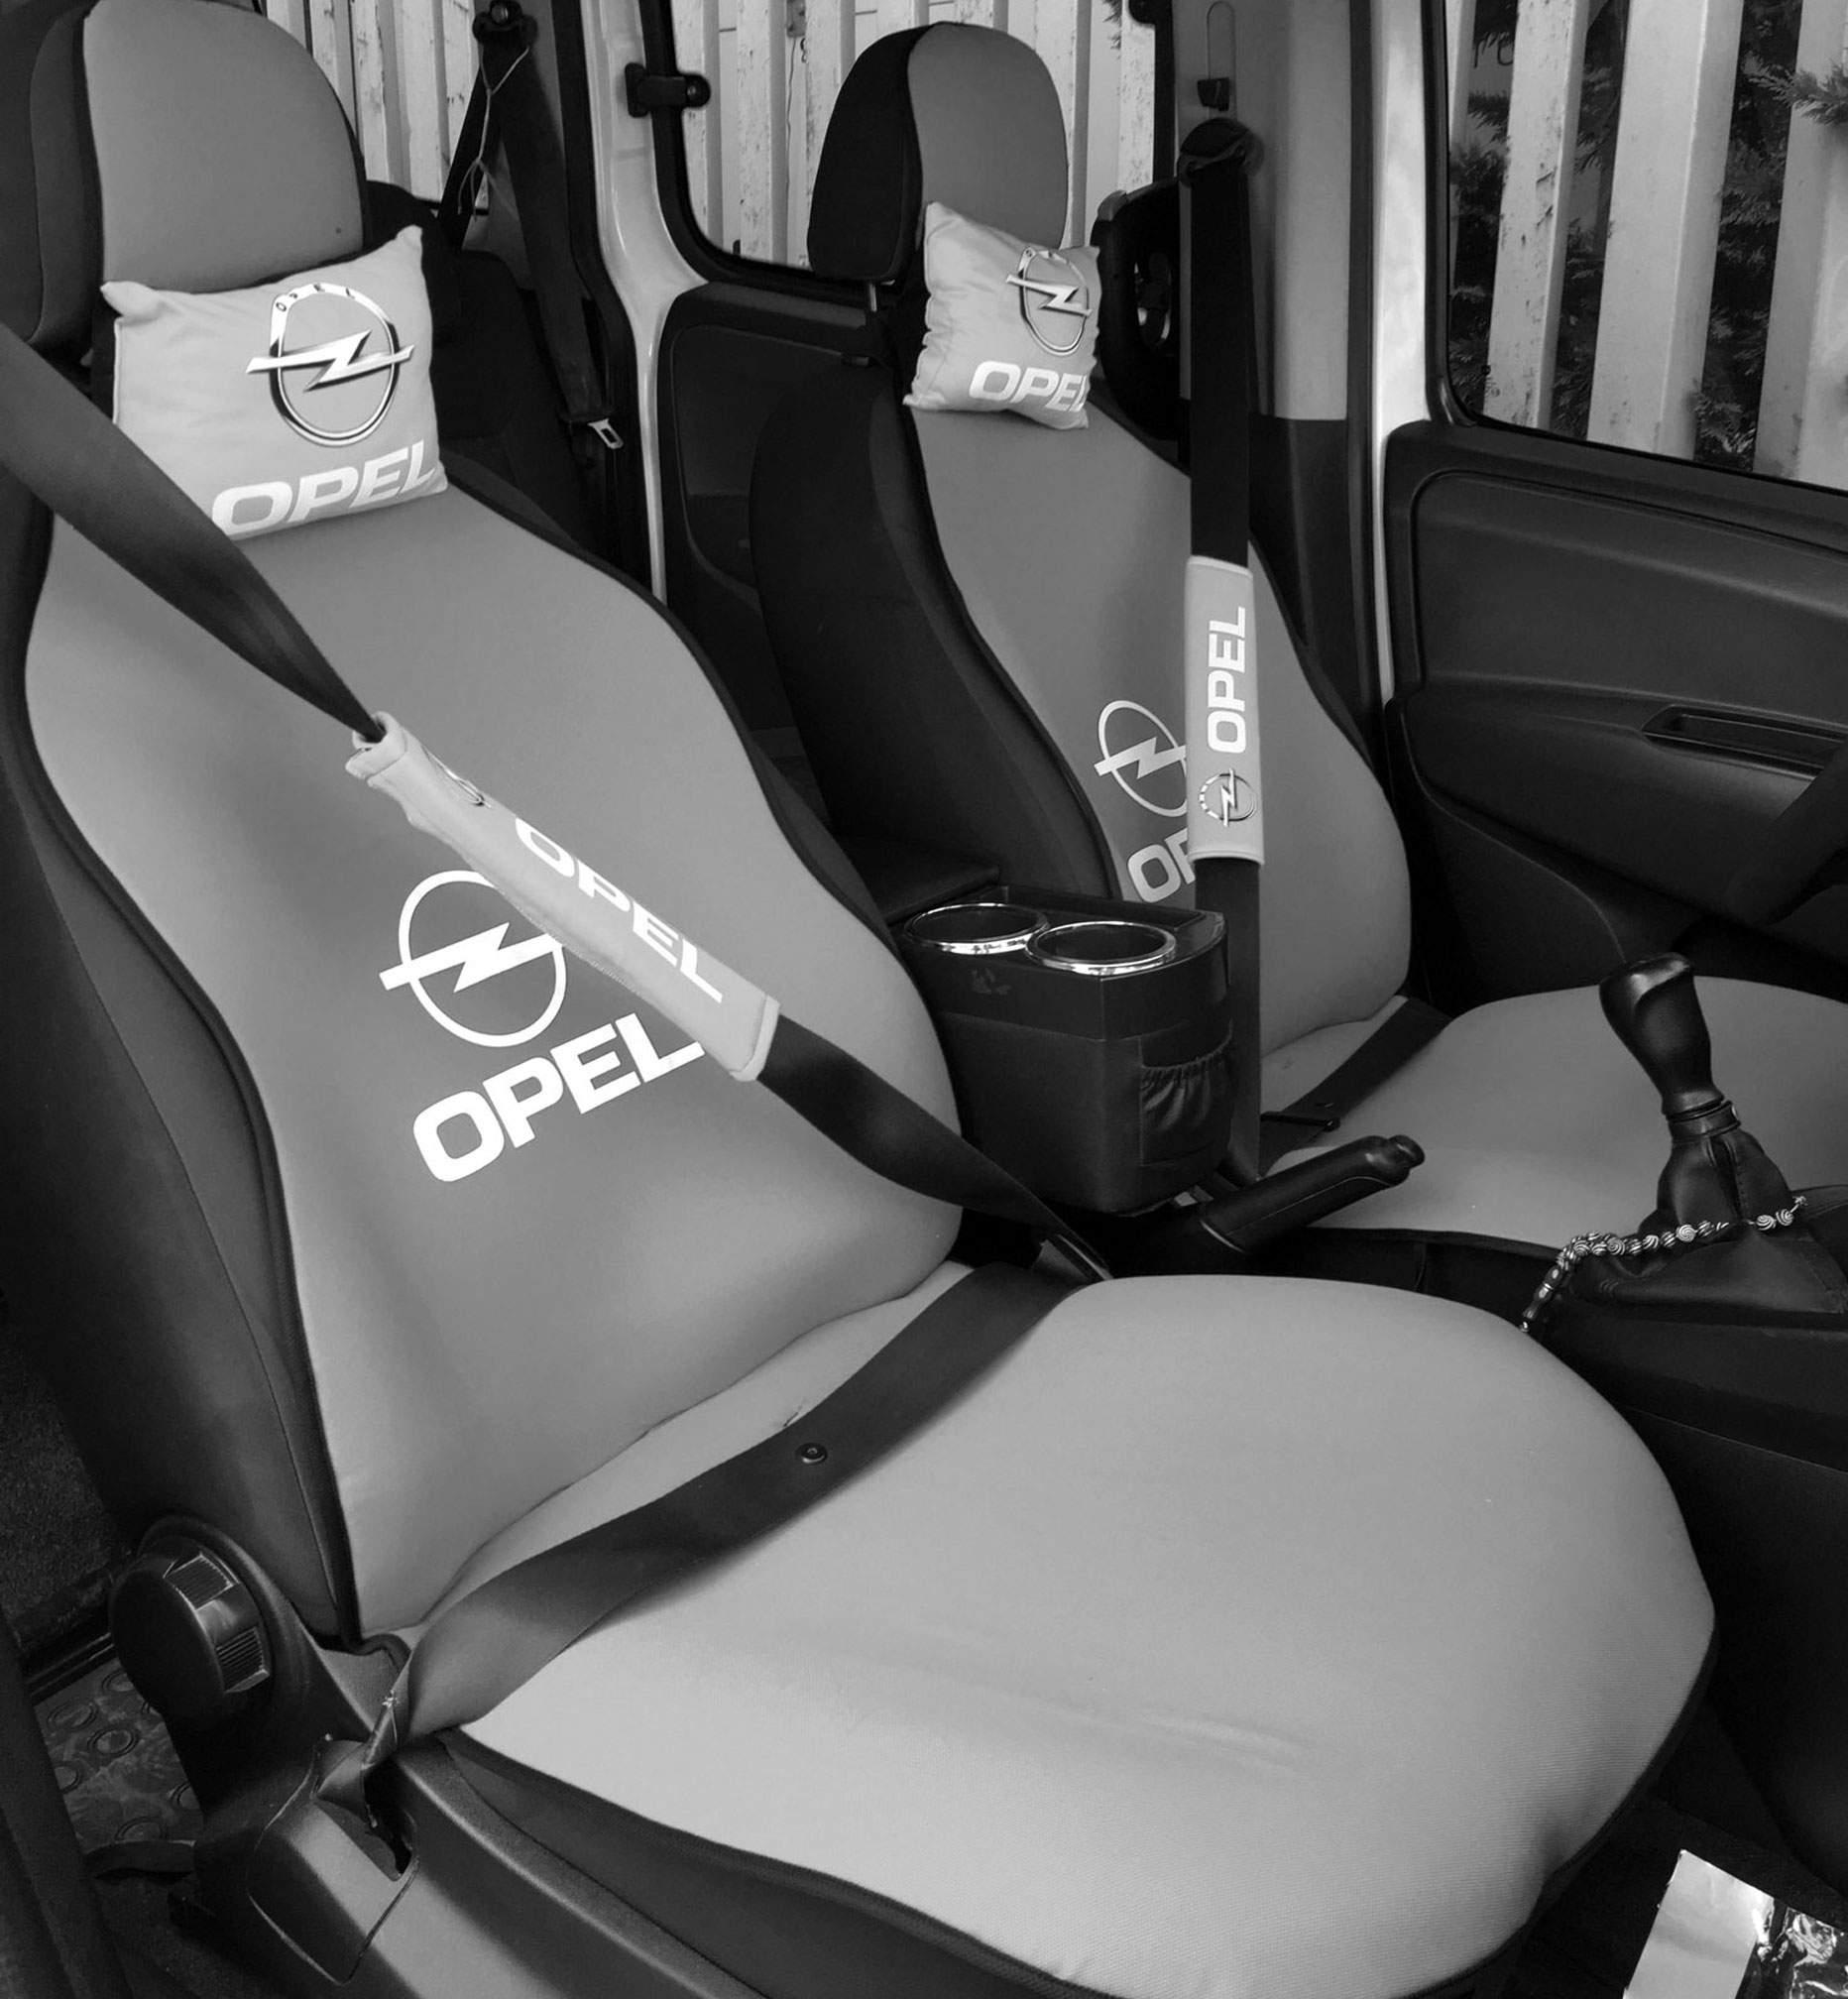 Opel Uyumlu Terletmez Oto Koltuk Minderi Ve Yastık Seti